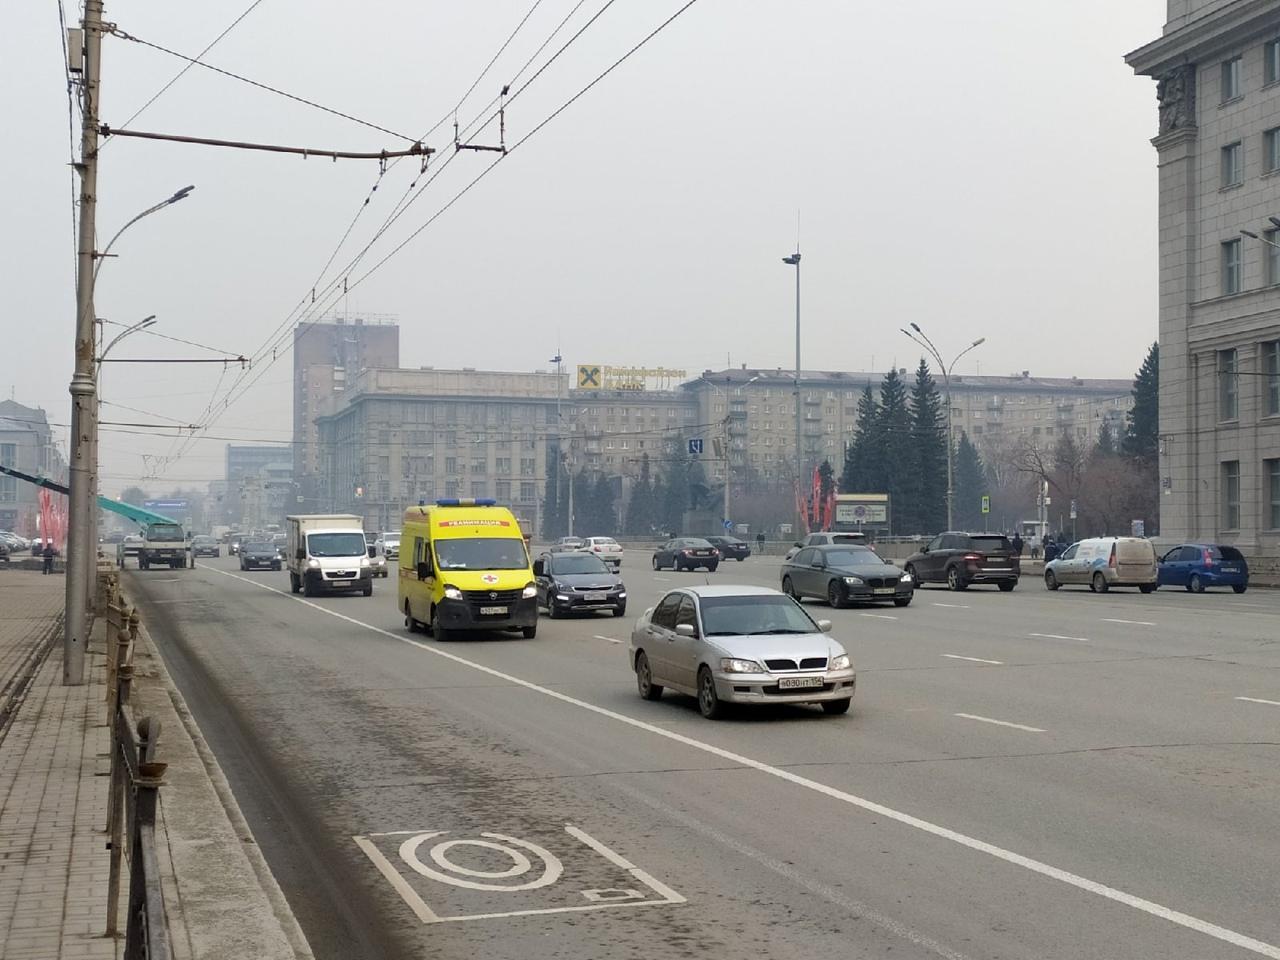 фото «Пыль столбом стоит – штрафовать нужно за такое»: 10 фото утонувшего в дыму Новосибирска 6